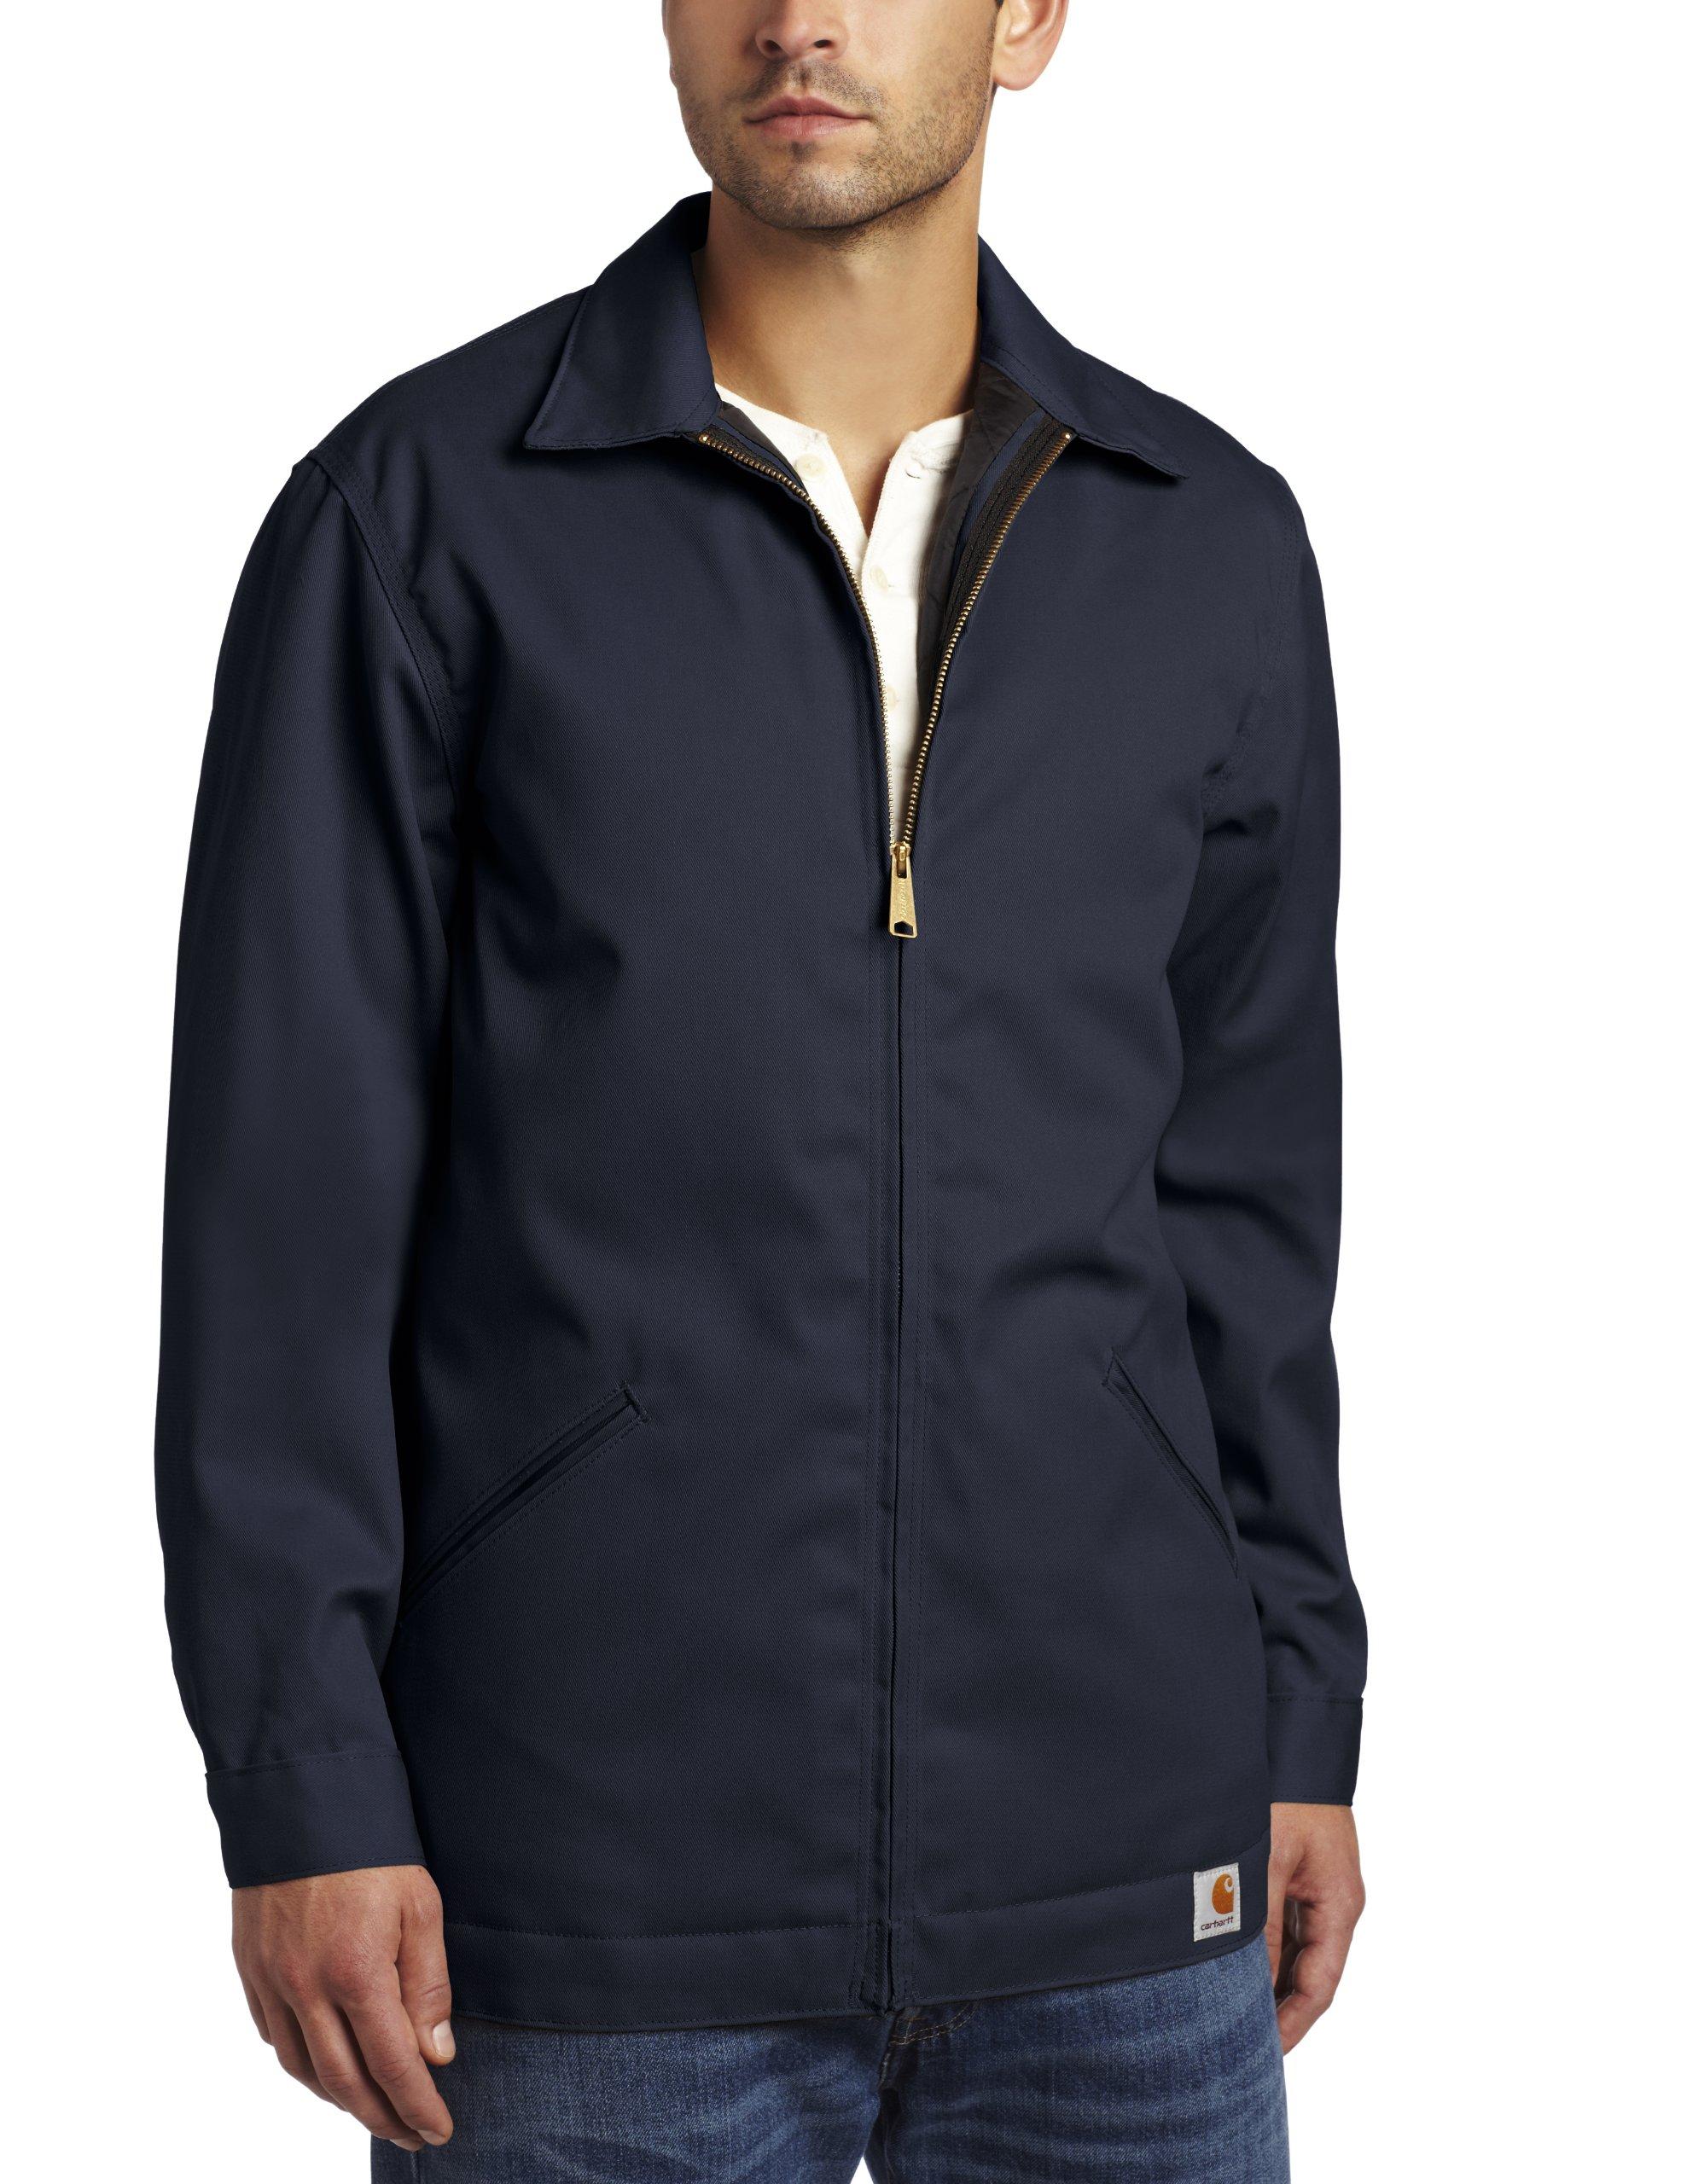 Carhartt Men's Big & Tall Twill Work Jacket,Navy,XXX-Large Tall by Carhartt